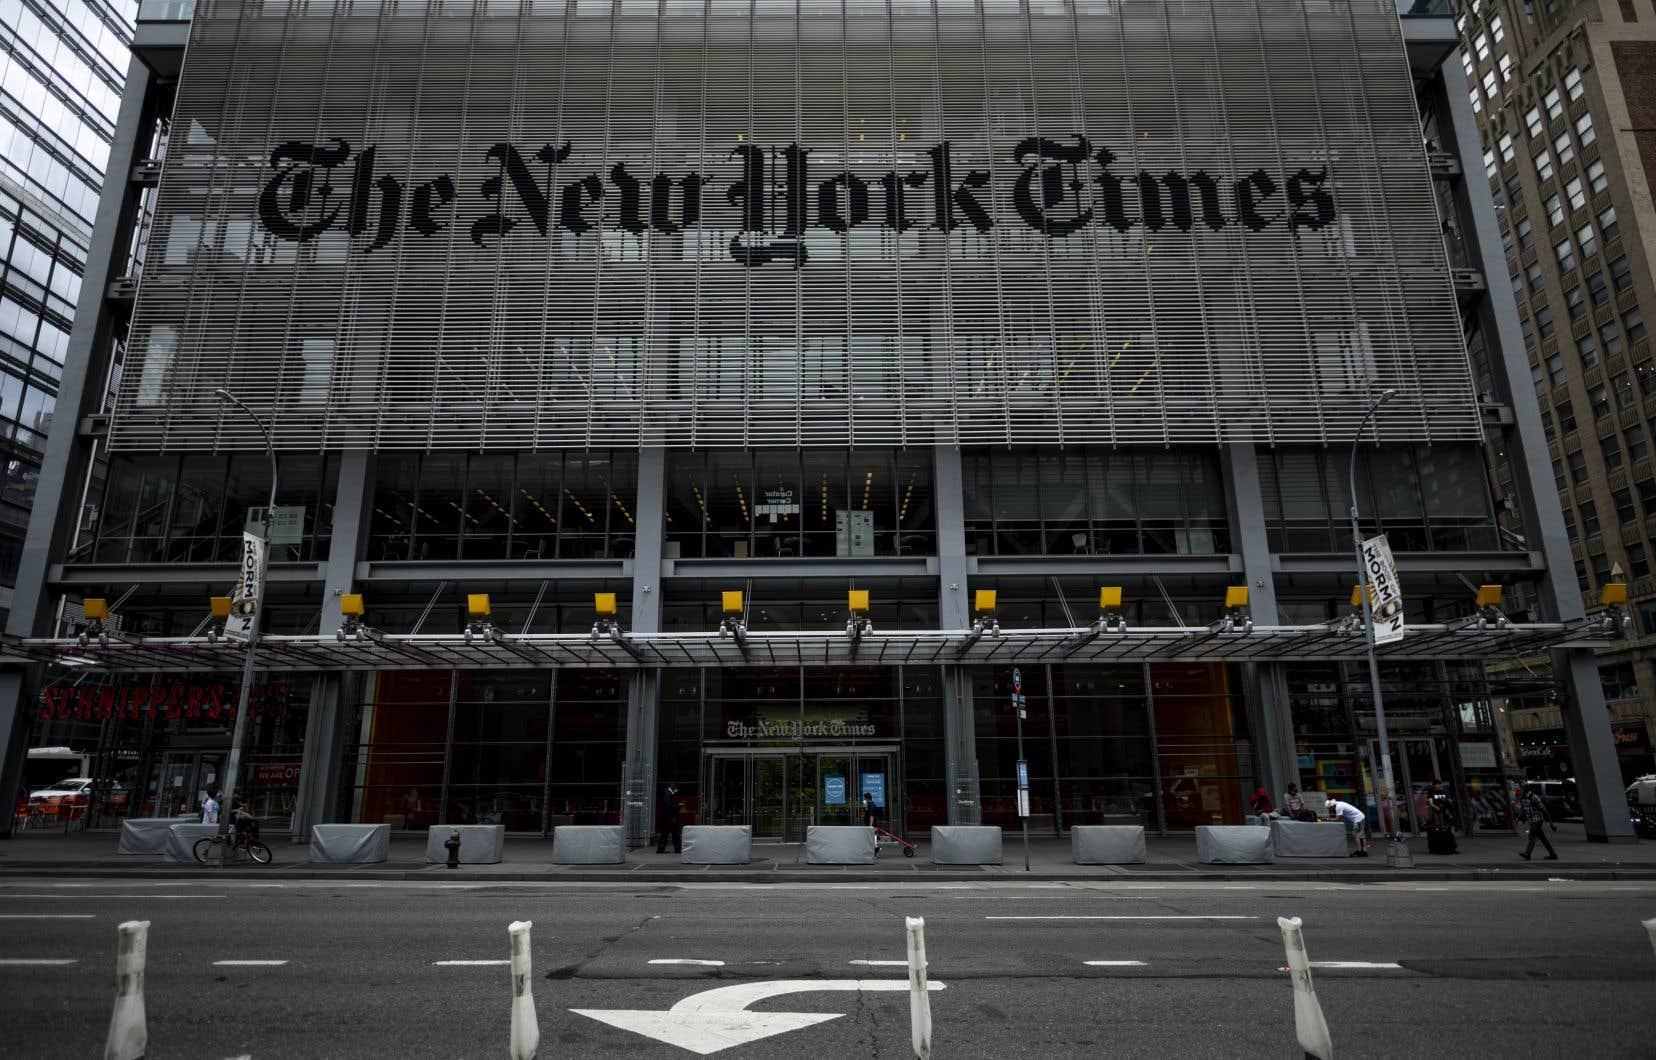 La direction du «New York Times» a expliqué que la loi de Pékin sur la sécurité nationale avait «entraîné beaucoup d'incertitudes quant aux conséquences qu'auront les nouvelles règles sur notre activité journalistique et notre mode de fonctionnement».